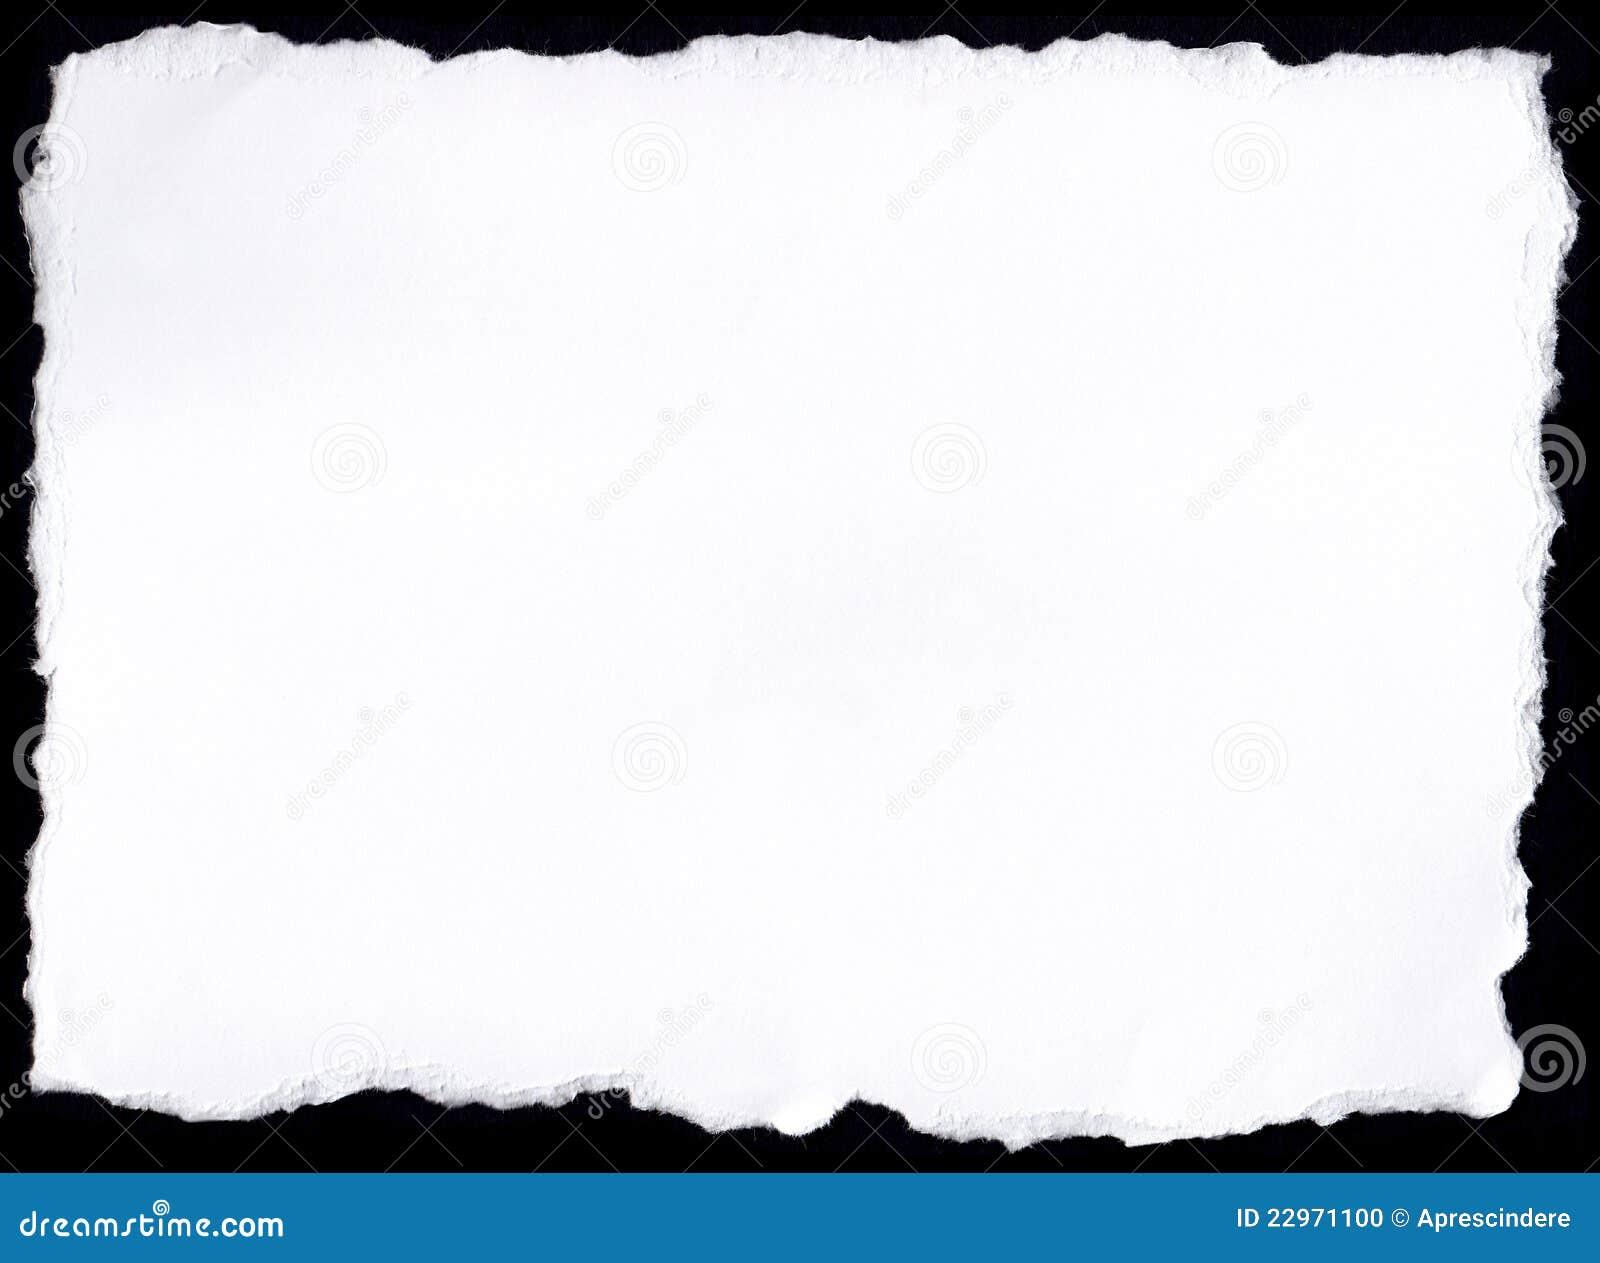 Rasgón de papel